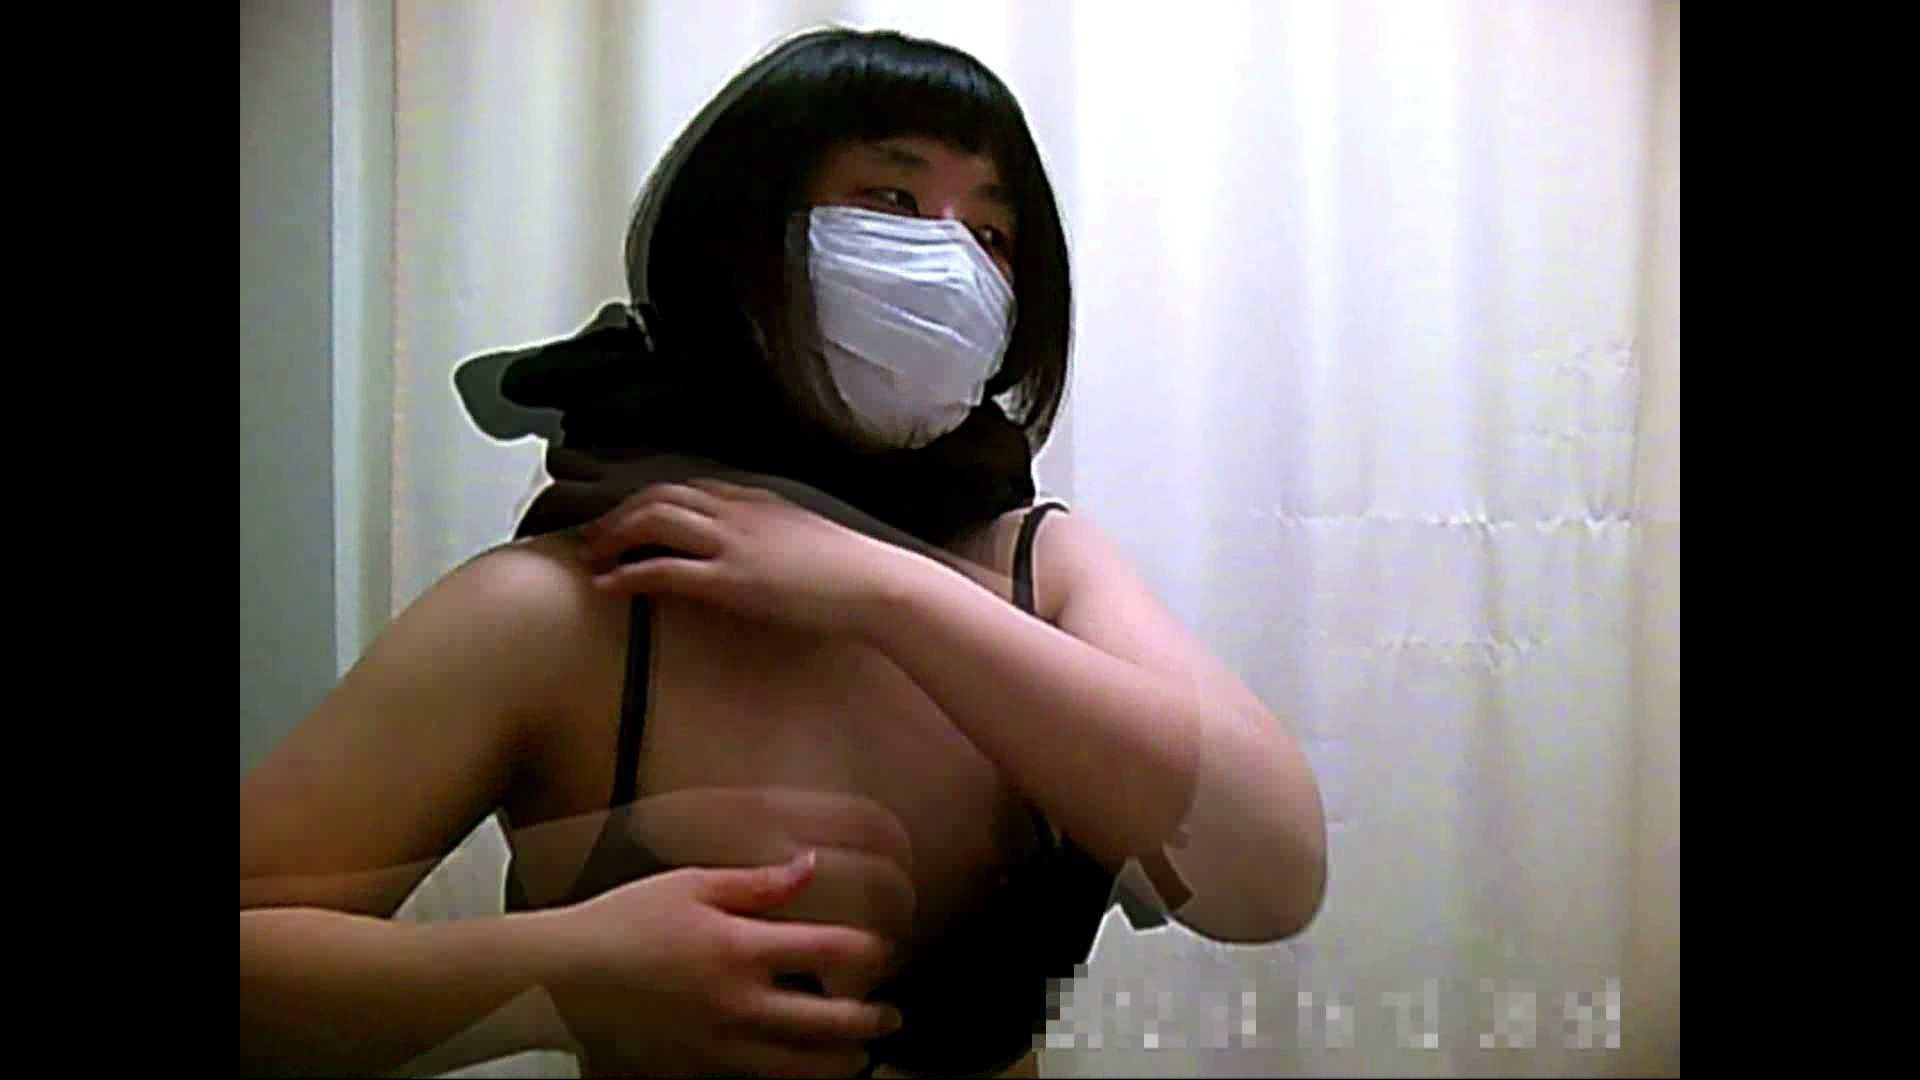 元医者による反抗 更衣室地獄絵巻 vol.017 盛合せ おめこ無修正画像 88枚 71